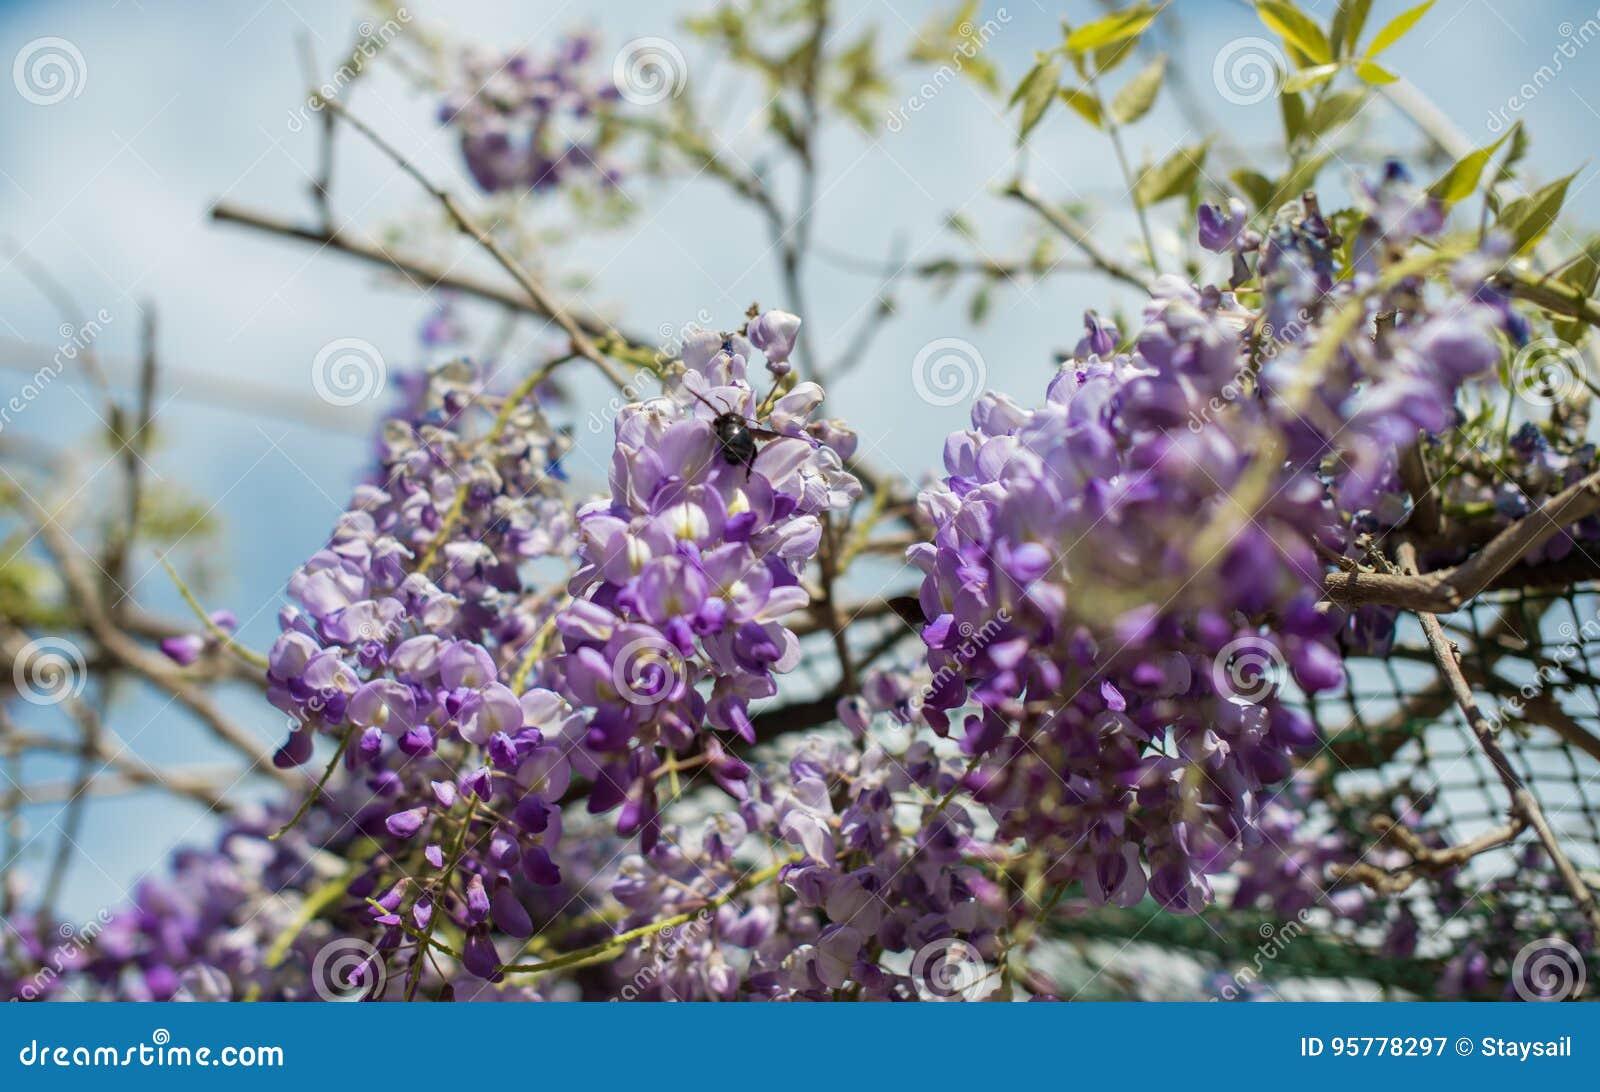 Пчела плотника & x28; Xylocopa Valga& x29; опылите пурпур и Wis лаванды